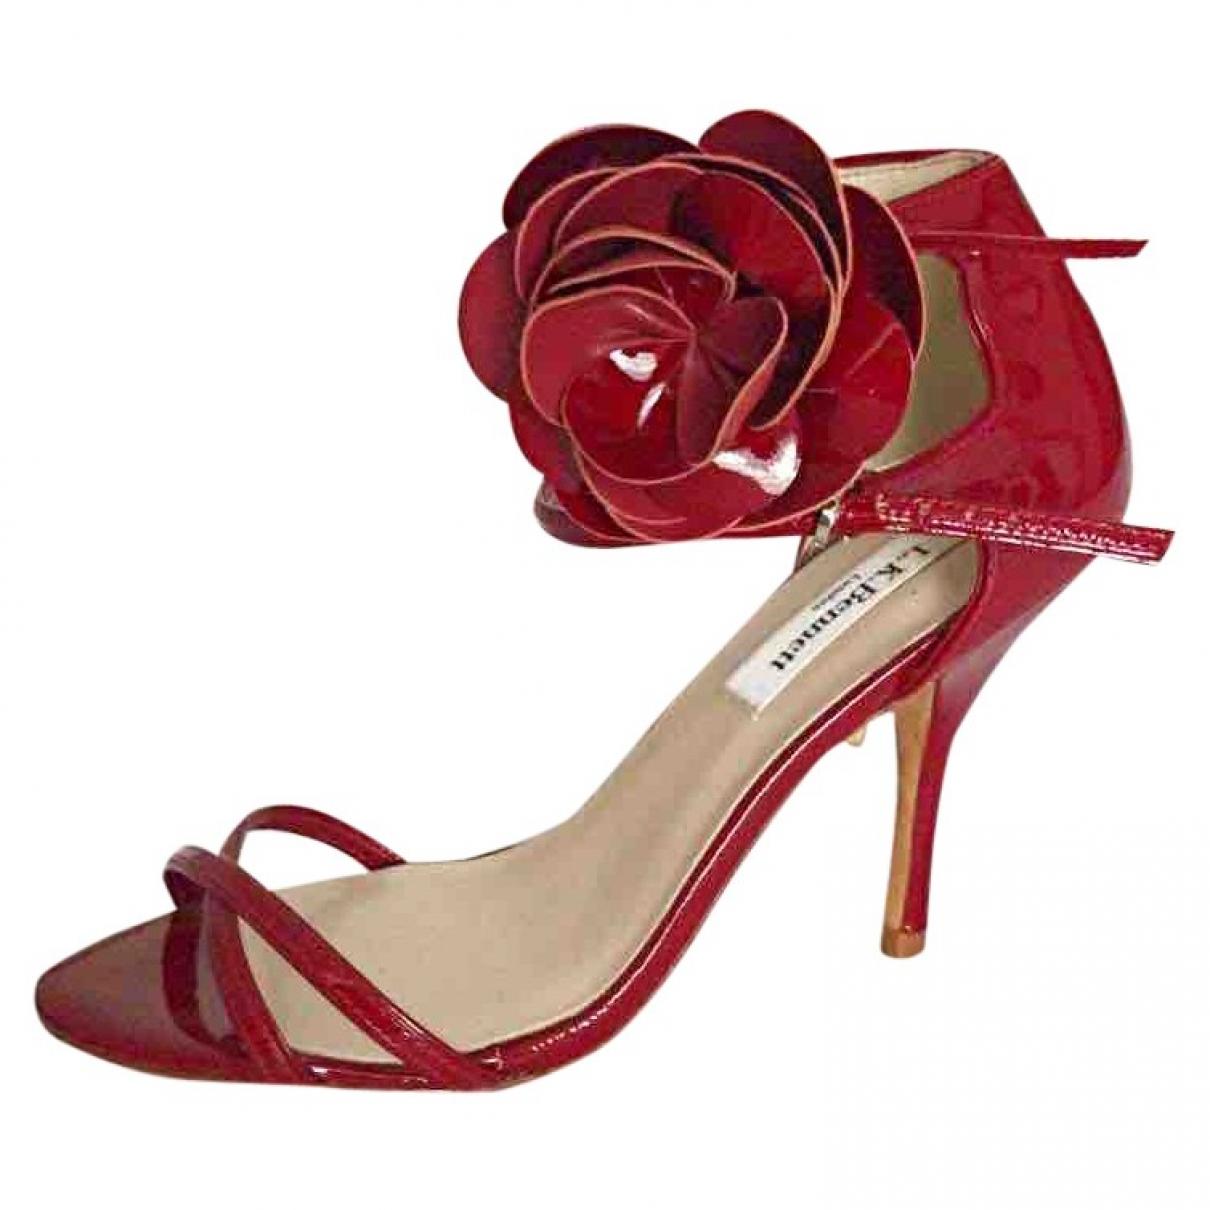 Lk Bennett \N Red Patent leather Sandals for Women 4 UK